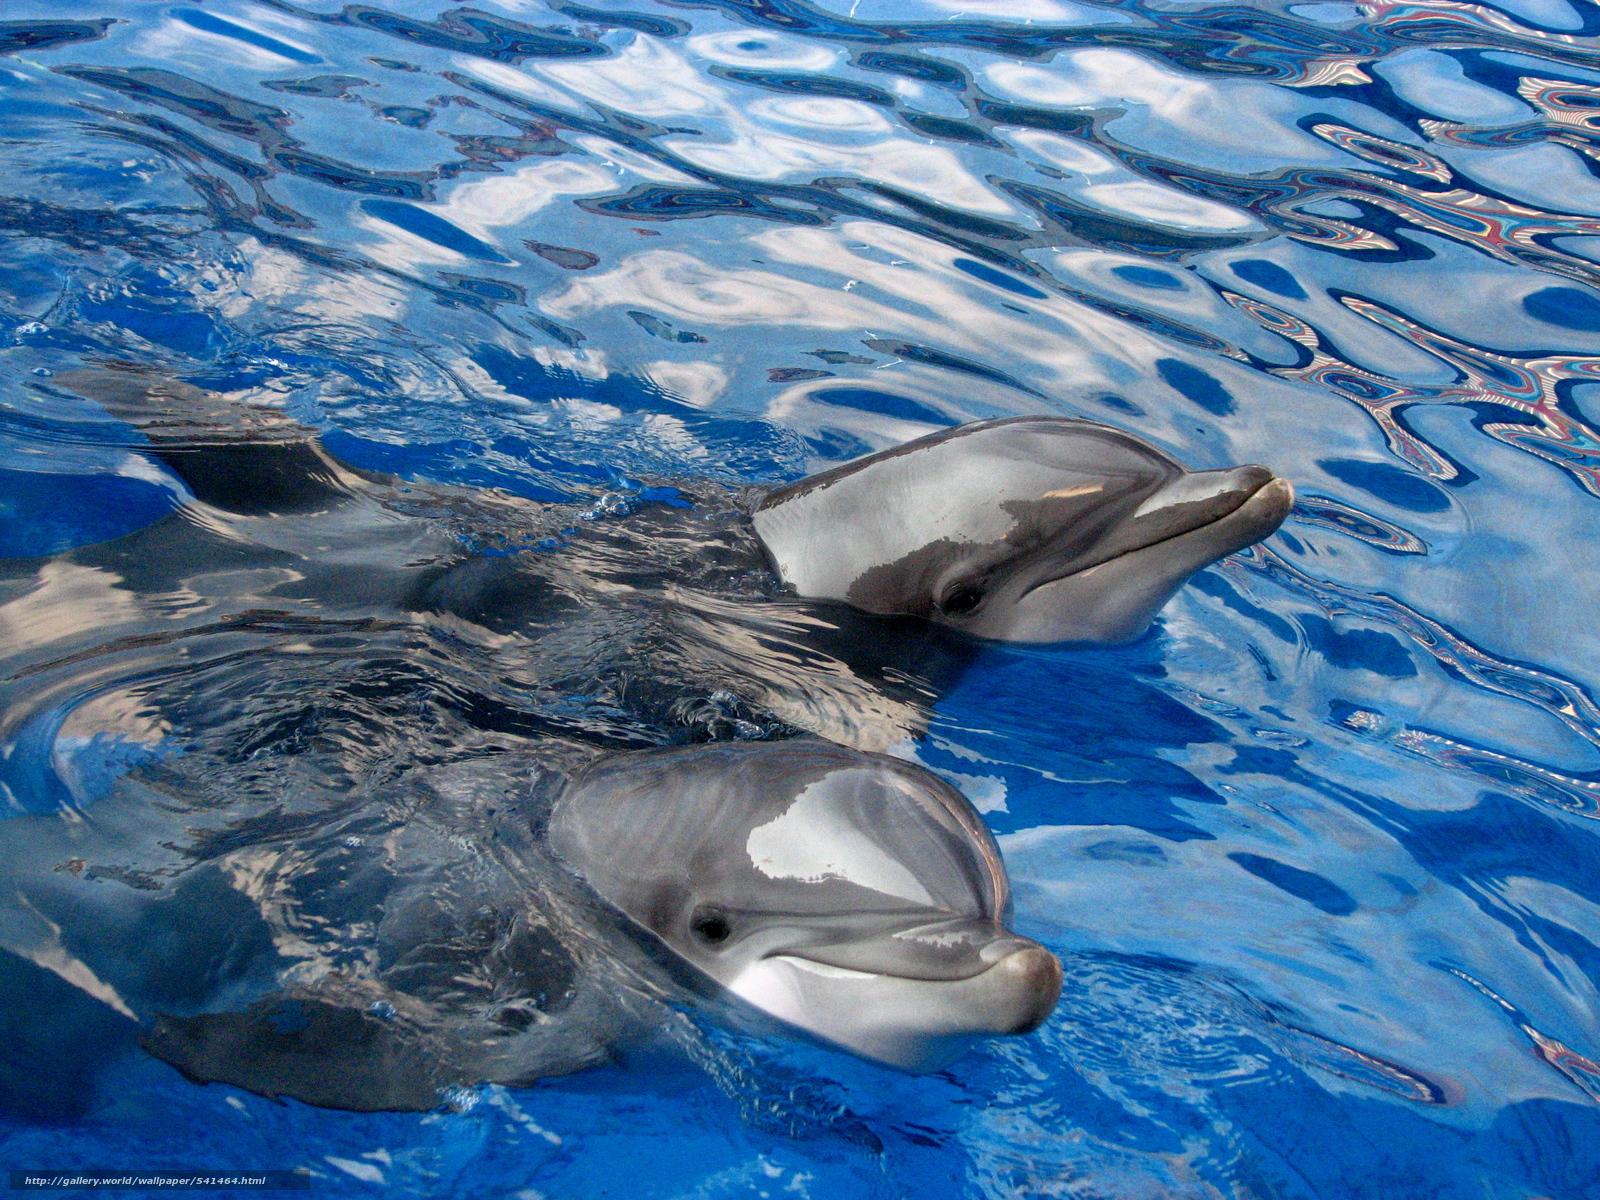 картинки рабочий стол тема дельфины зеркало делал перед